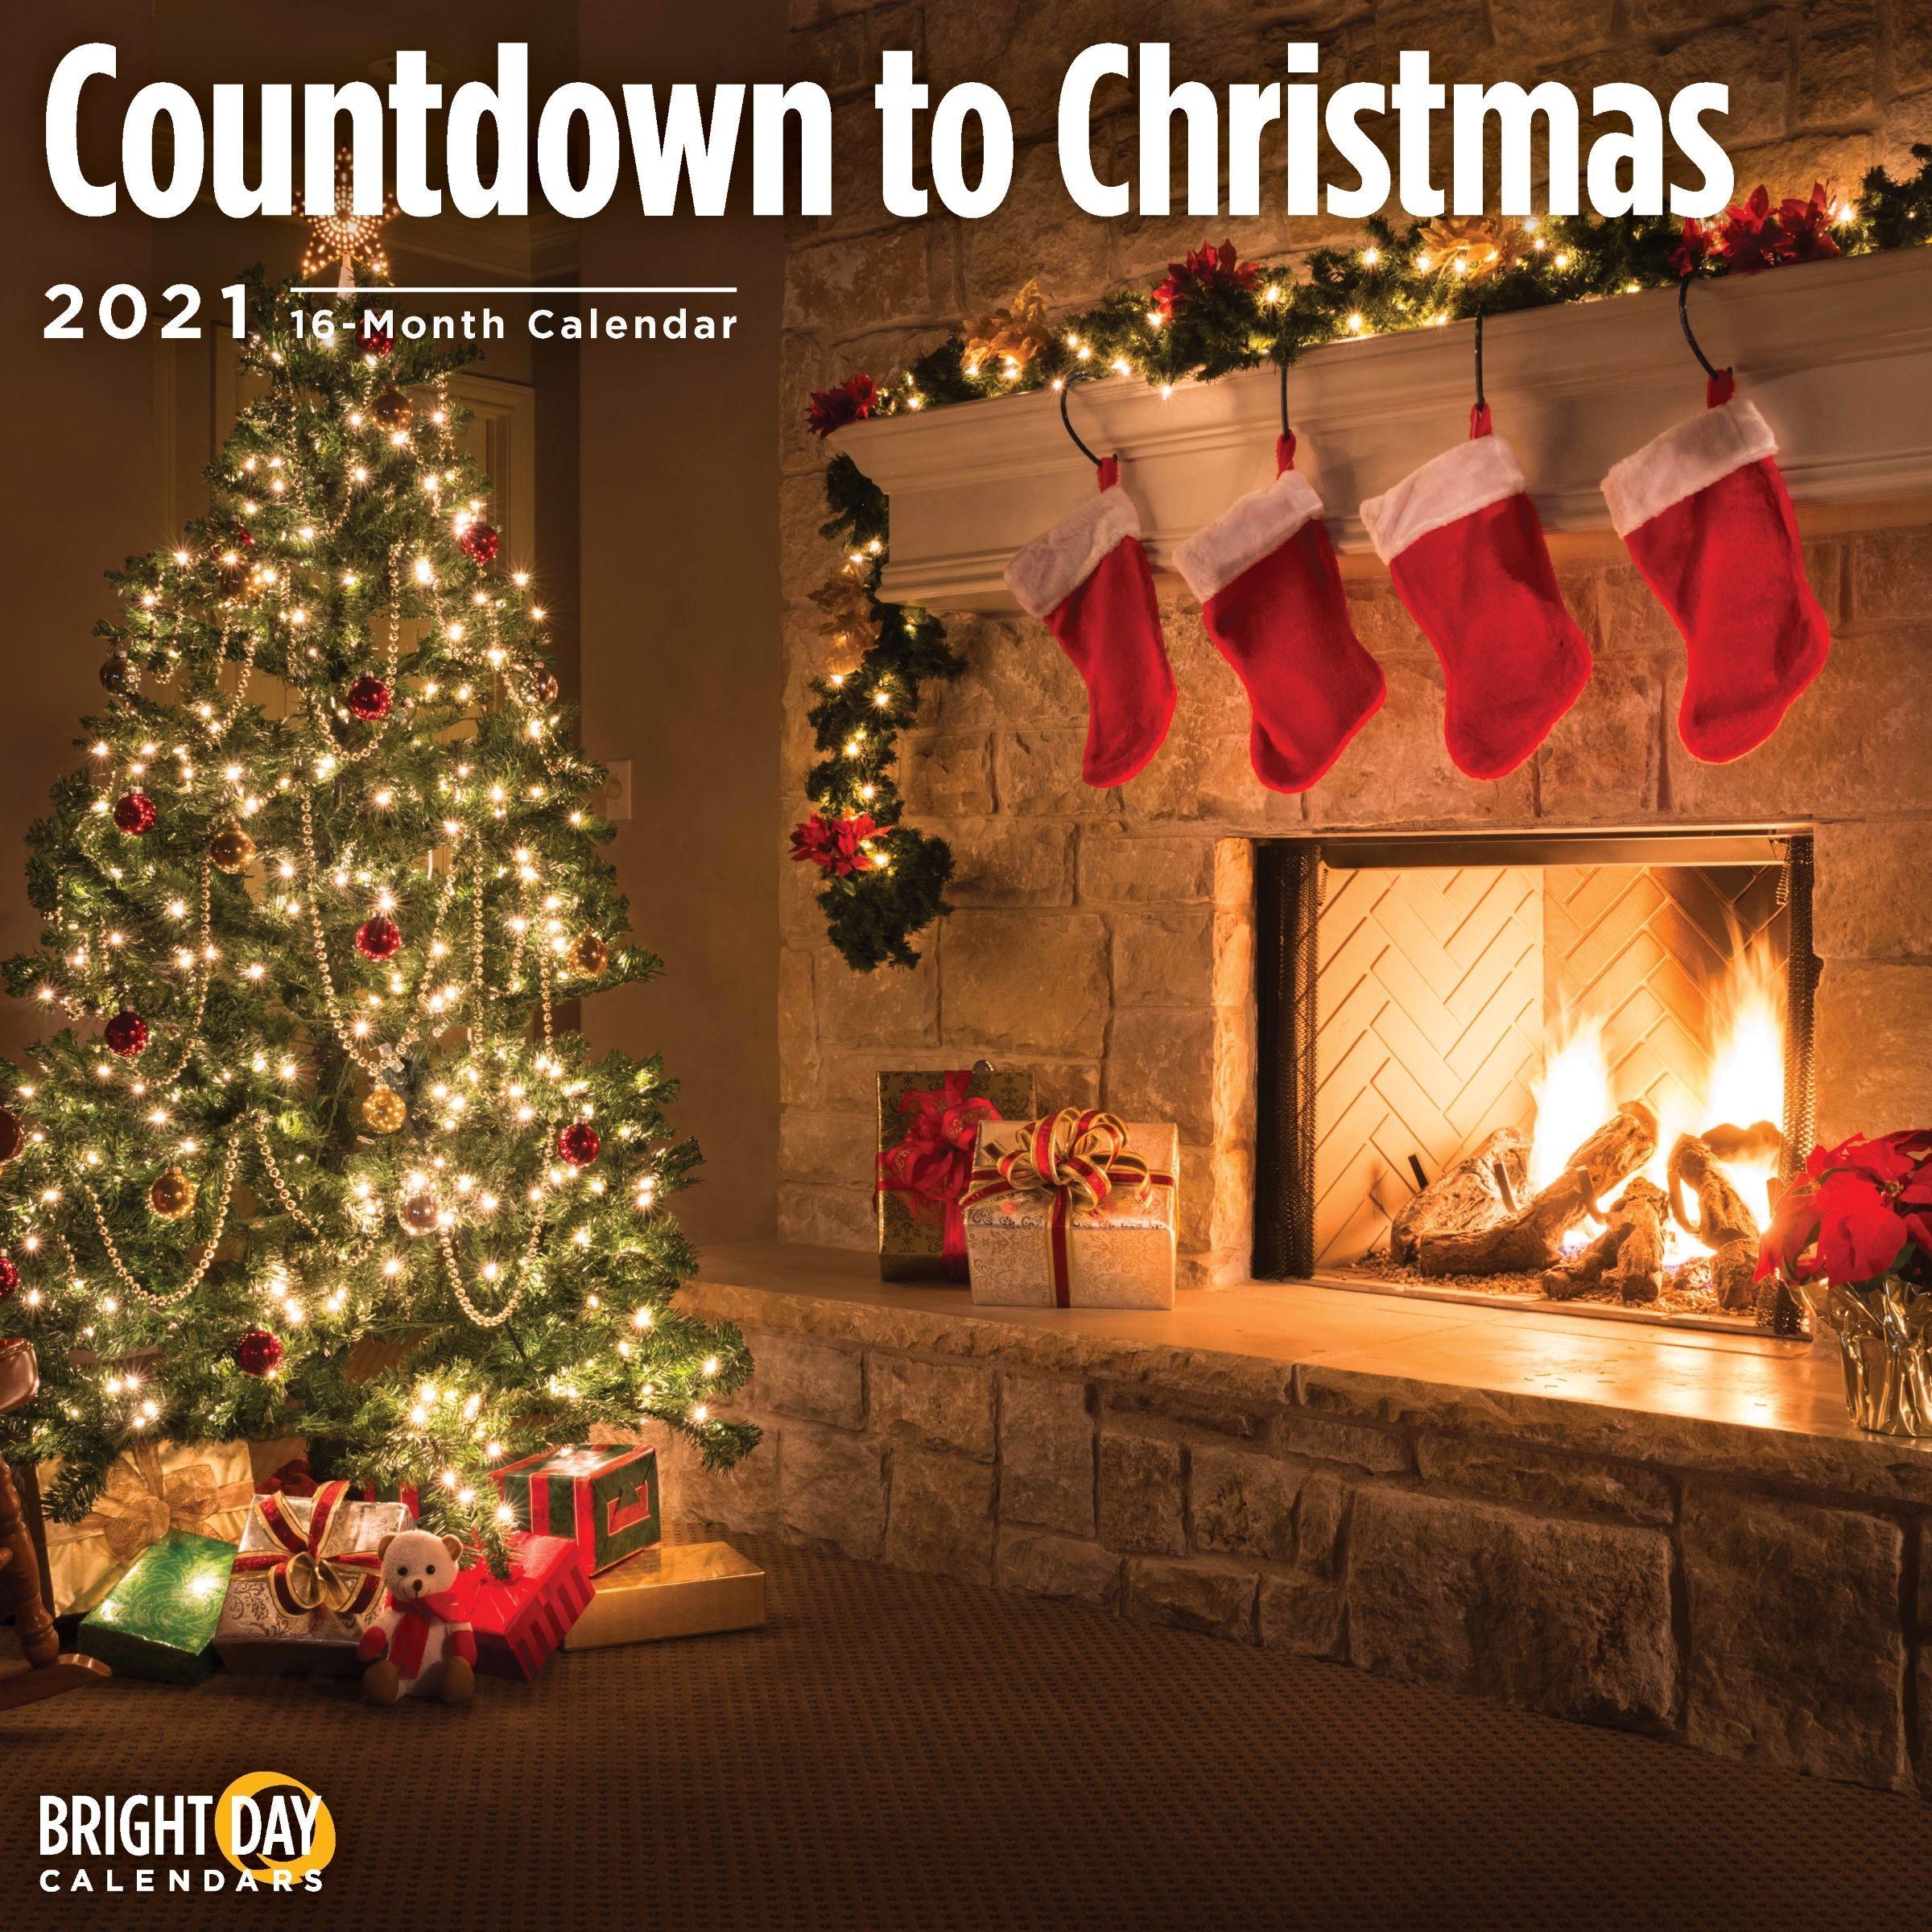 2021 Countdown To Christmas Wall Calendar - Walmart